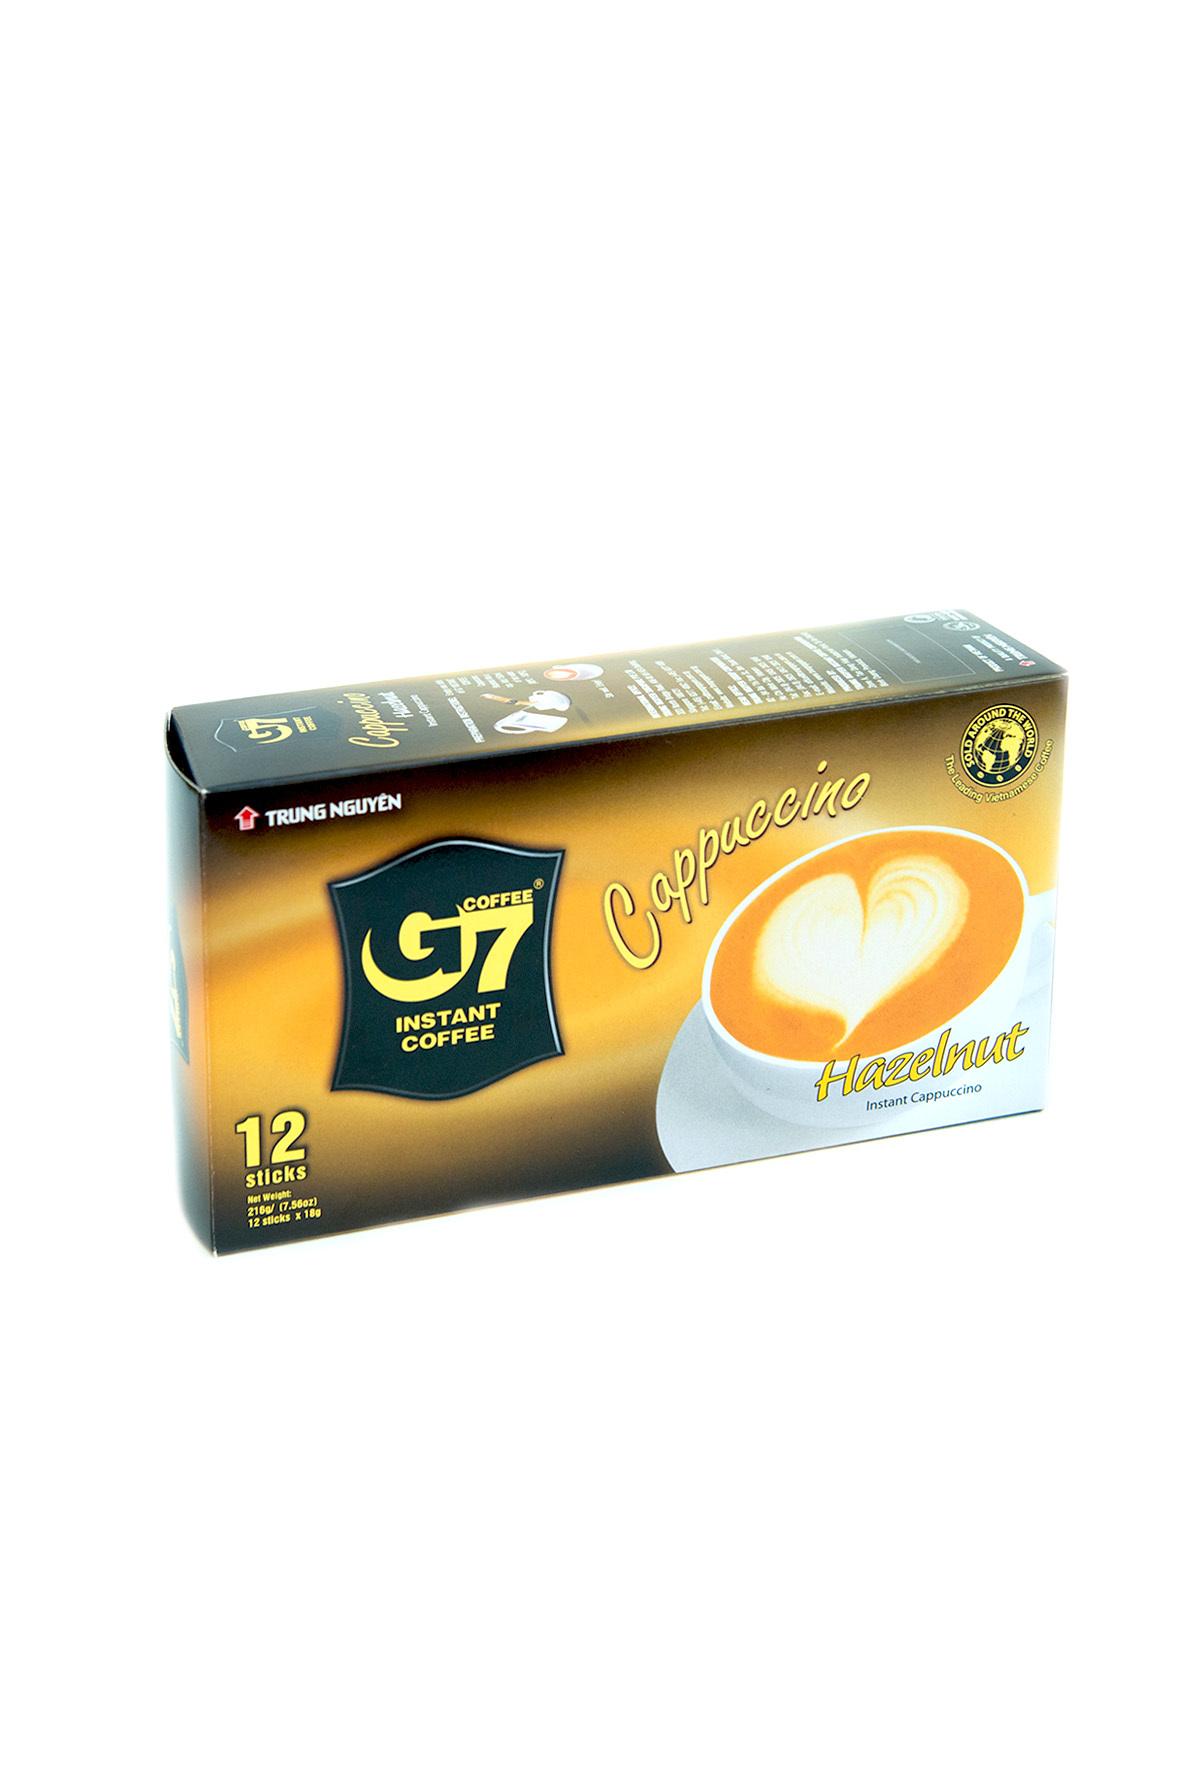 Растворимый Trung Nguyen G7 Каппучино Лесной Орех, 12 пакетиков